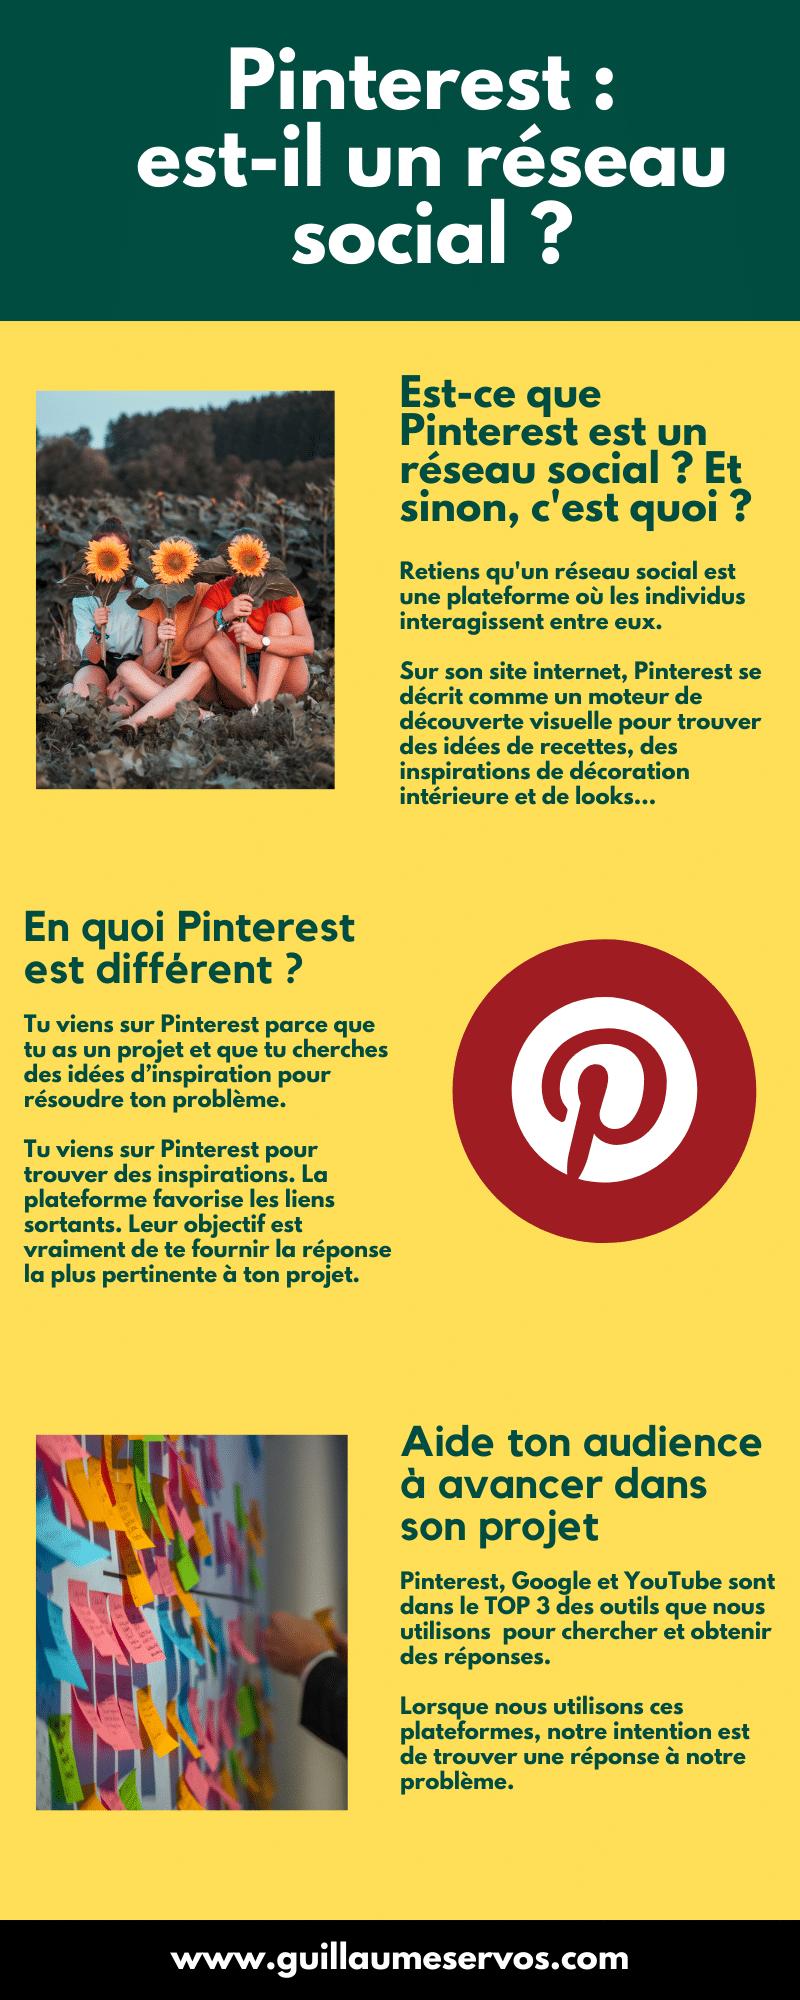 Est-ce que Pinterest est un réseau social ? Peux-tu l'utiliser à la place d'Instagram ? En quoi est-il des différents des autres média sociaux ?